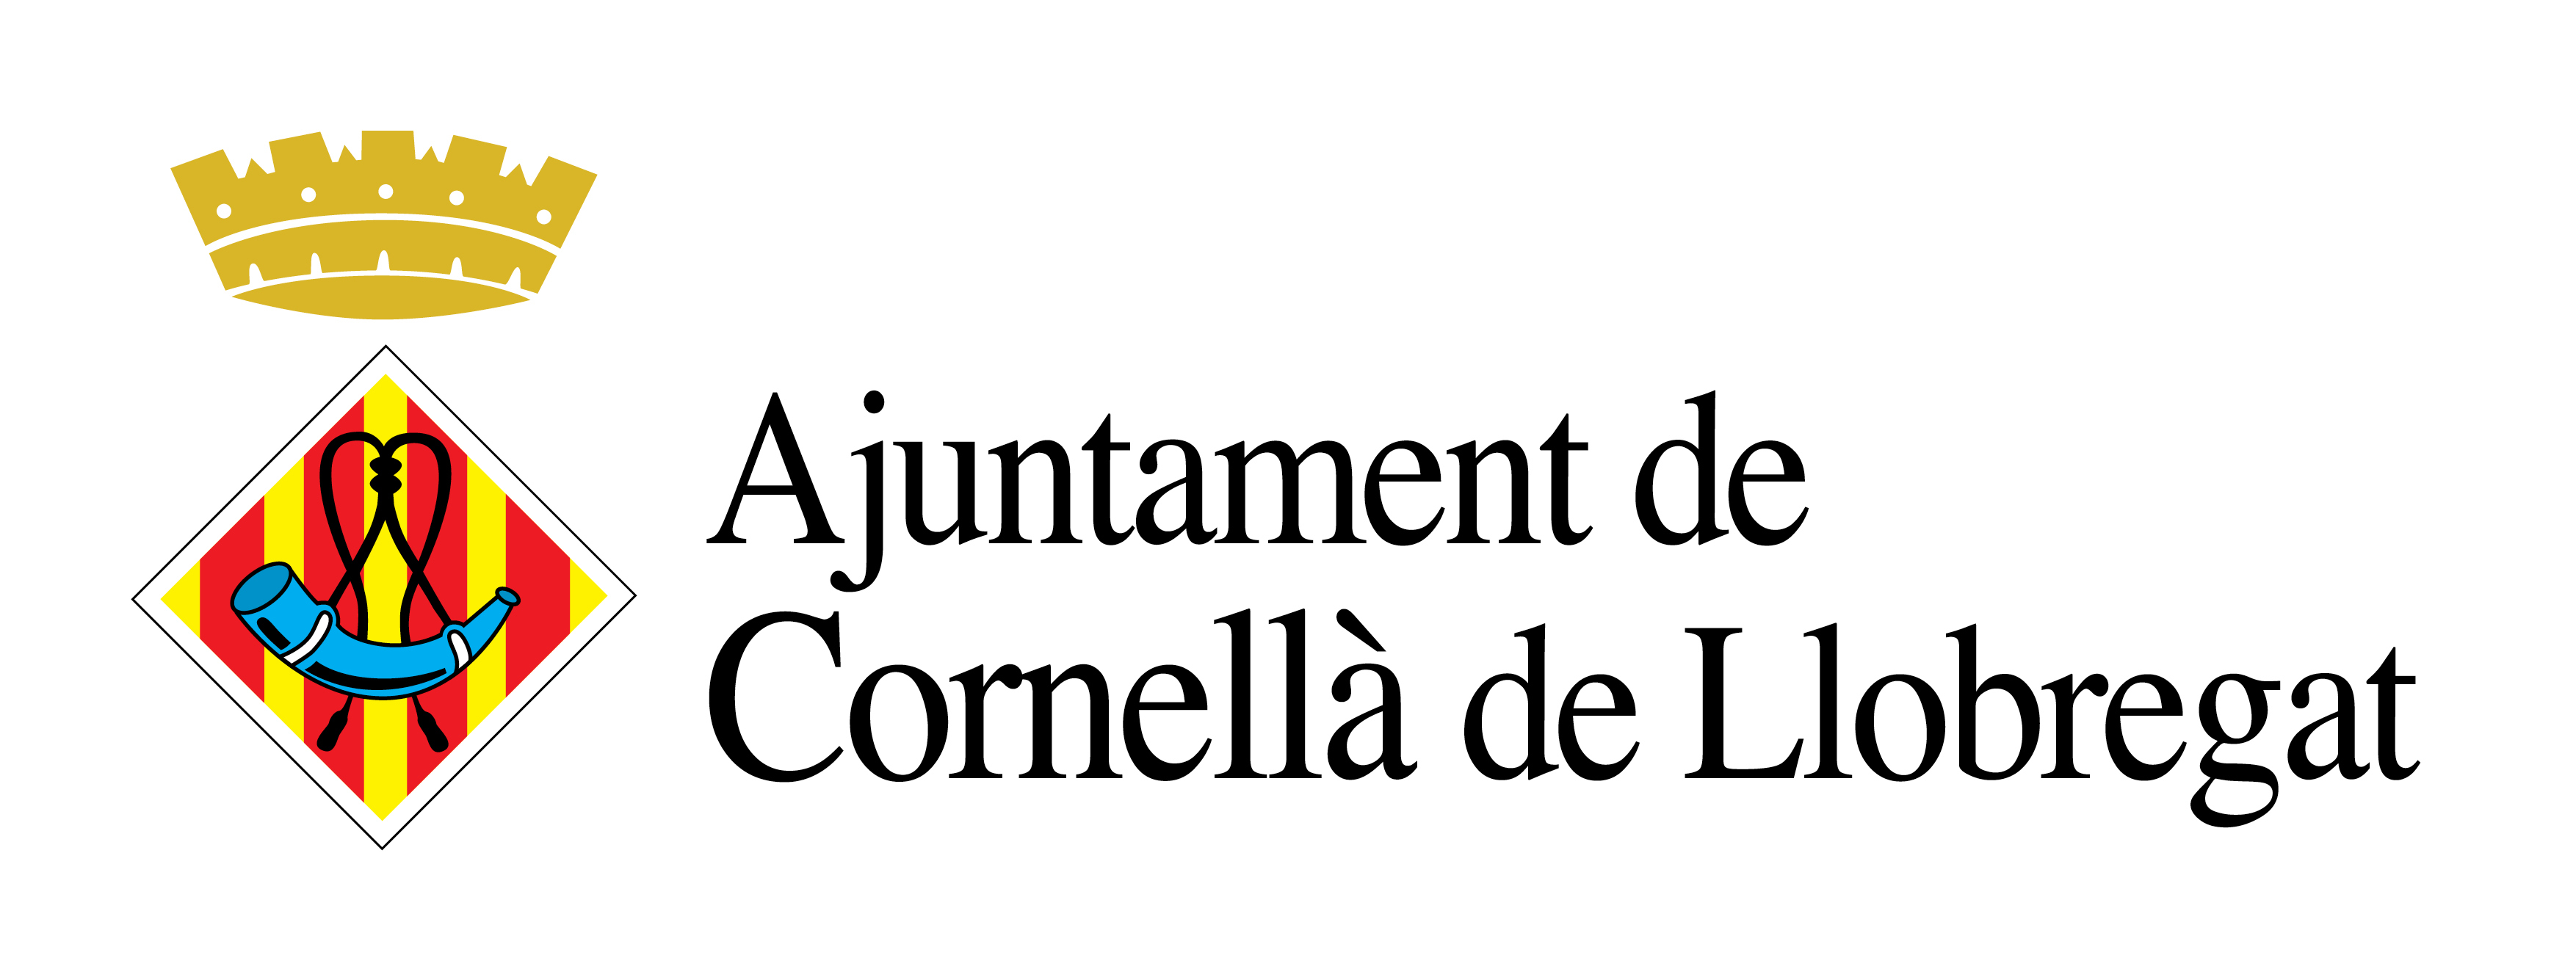 Ajuntament de Cornellà de Llobregat